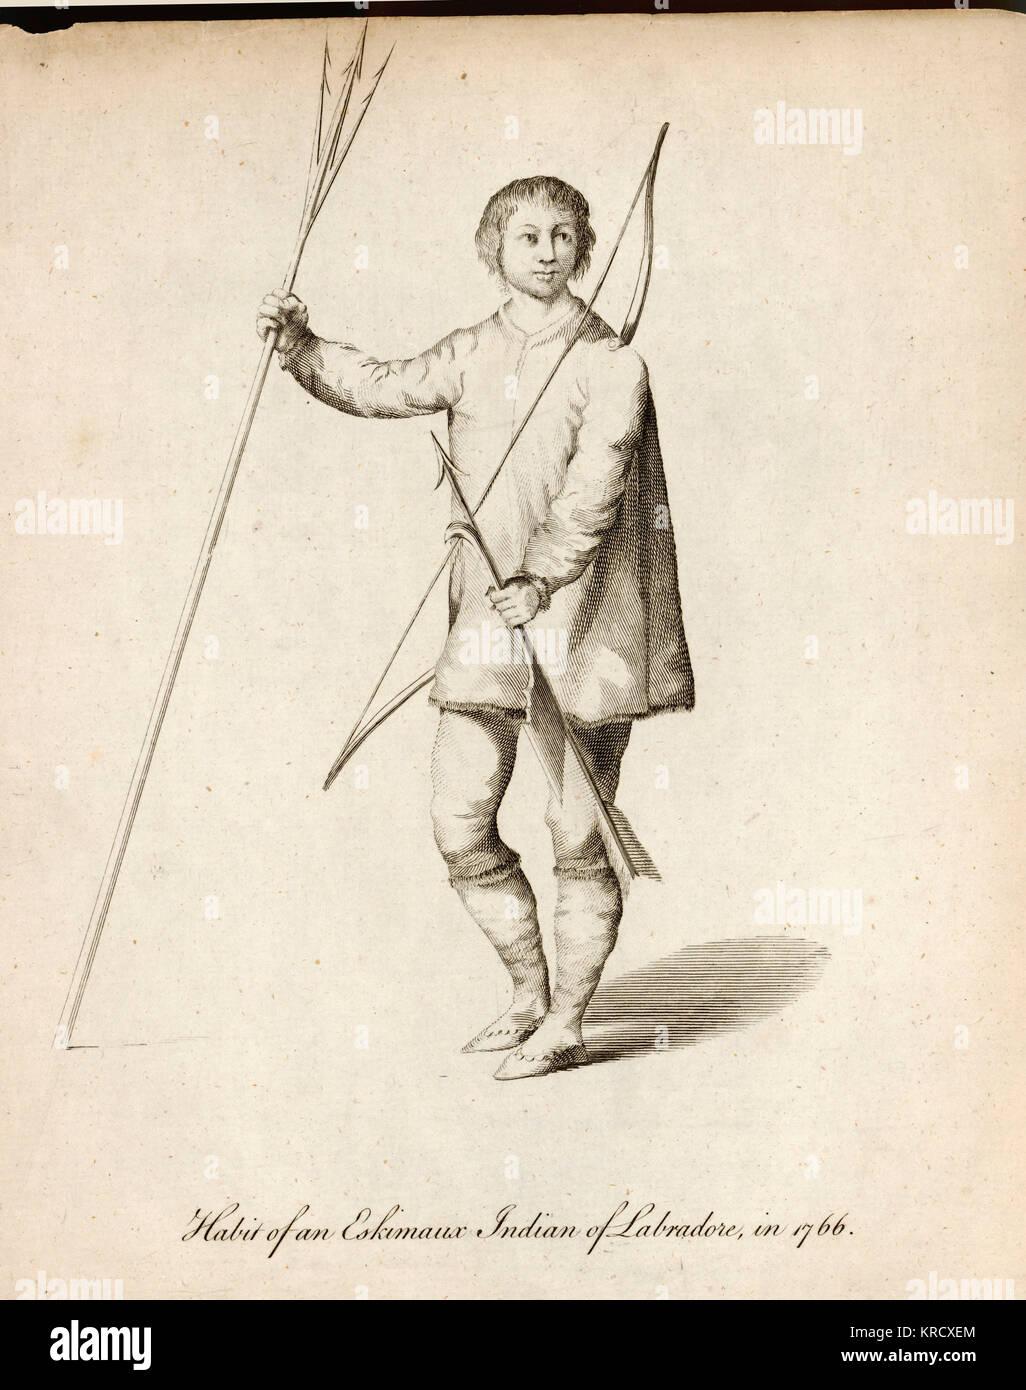 Eschimese nativi indiani del Labrador con armi da caccia. Data: 1766 Foto Stock